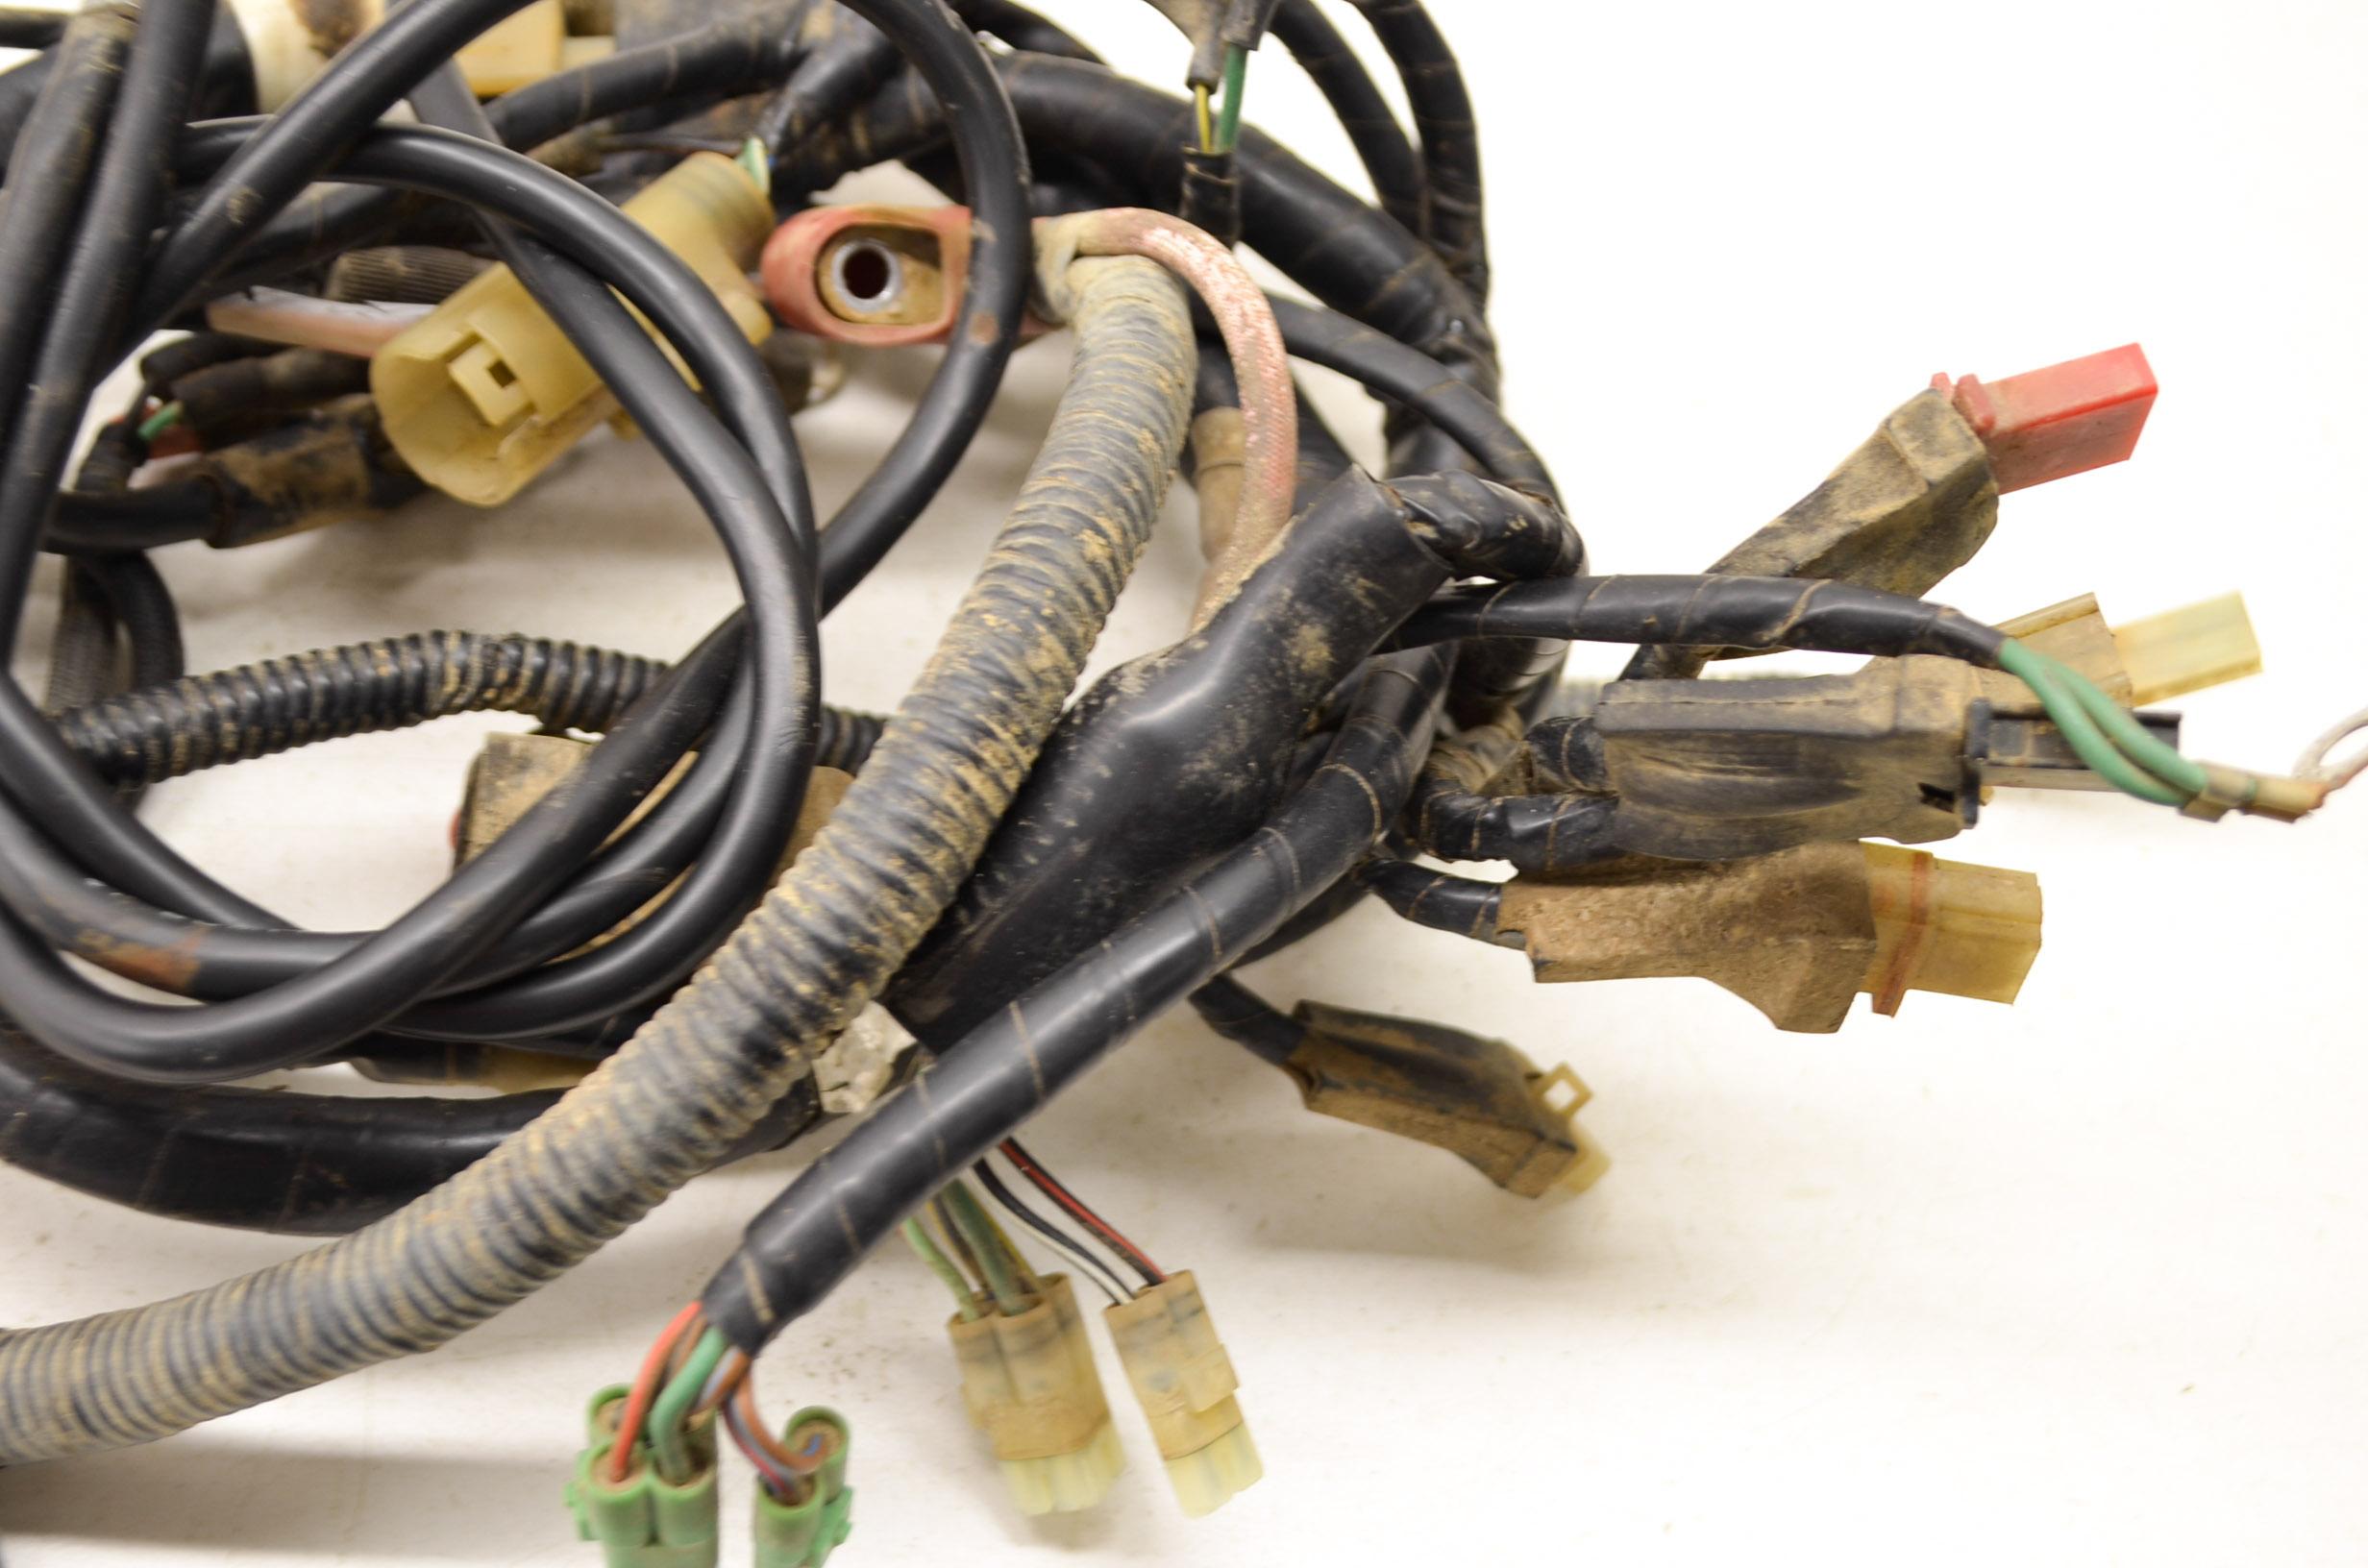 85 Honda Fourtrax 250 Wire Harness Electrical Wiring TRX250 2x4